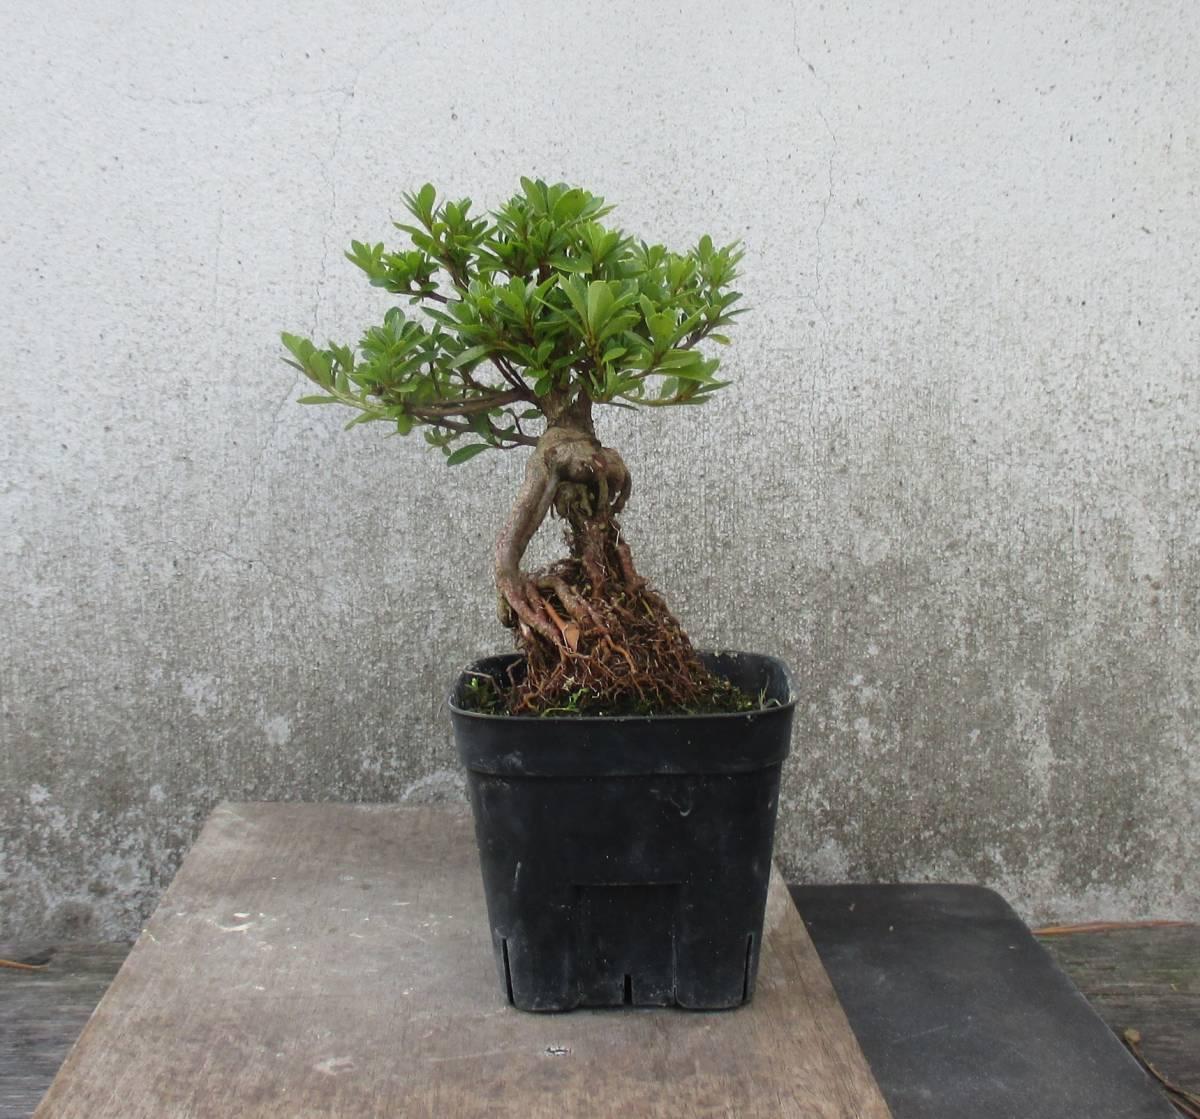 極小品 根上り さつき盆栽 ◆明美の月◆  鉢  9*9cm_画像3